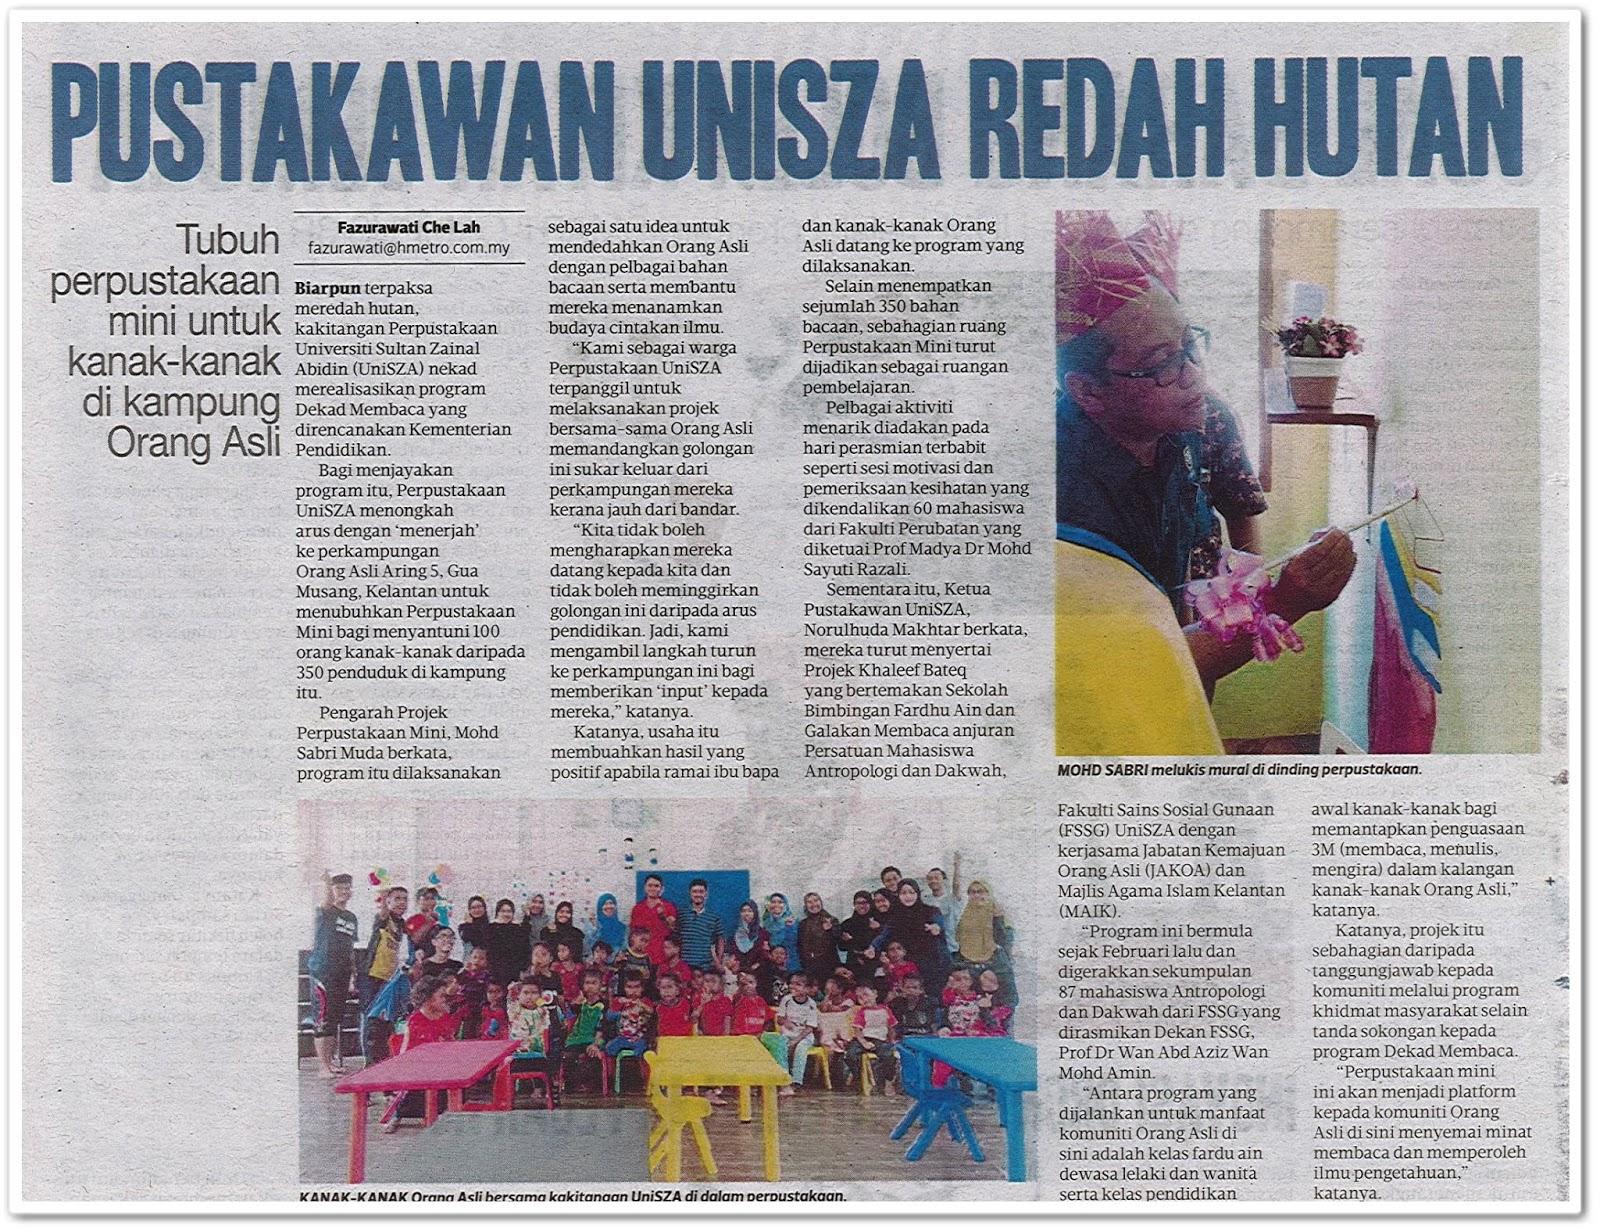 Pustakawan UNISZA redah hutan - Keratan akhbar Harian Metro 10 Jun 2019